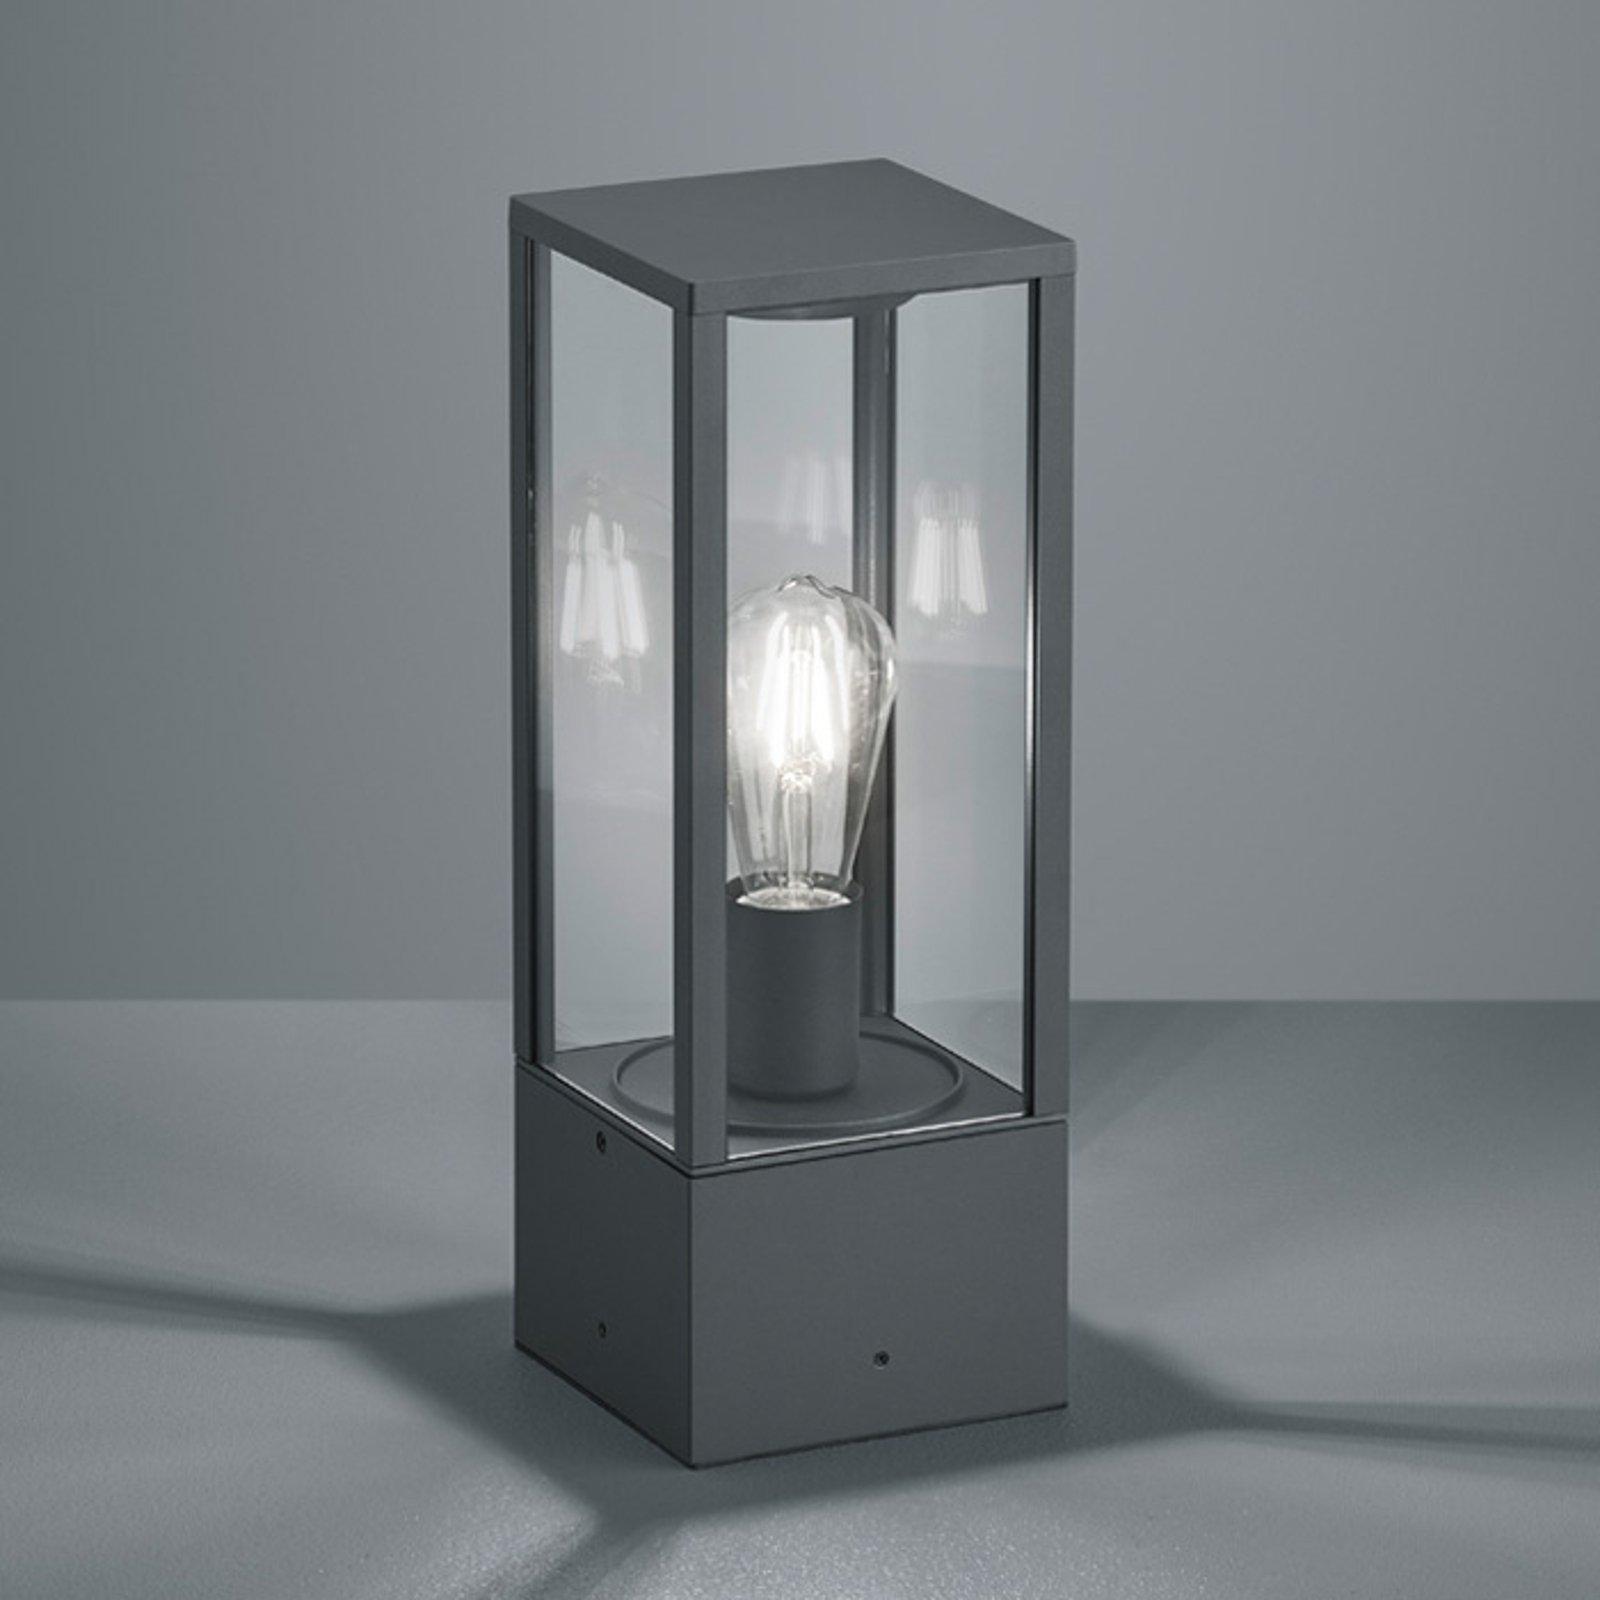 Sokkellampe Garonne i antrasitt